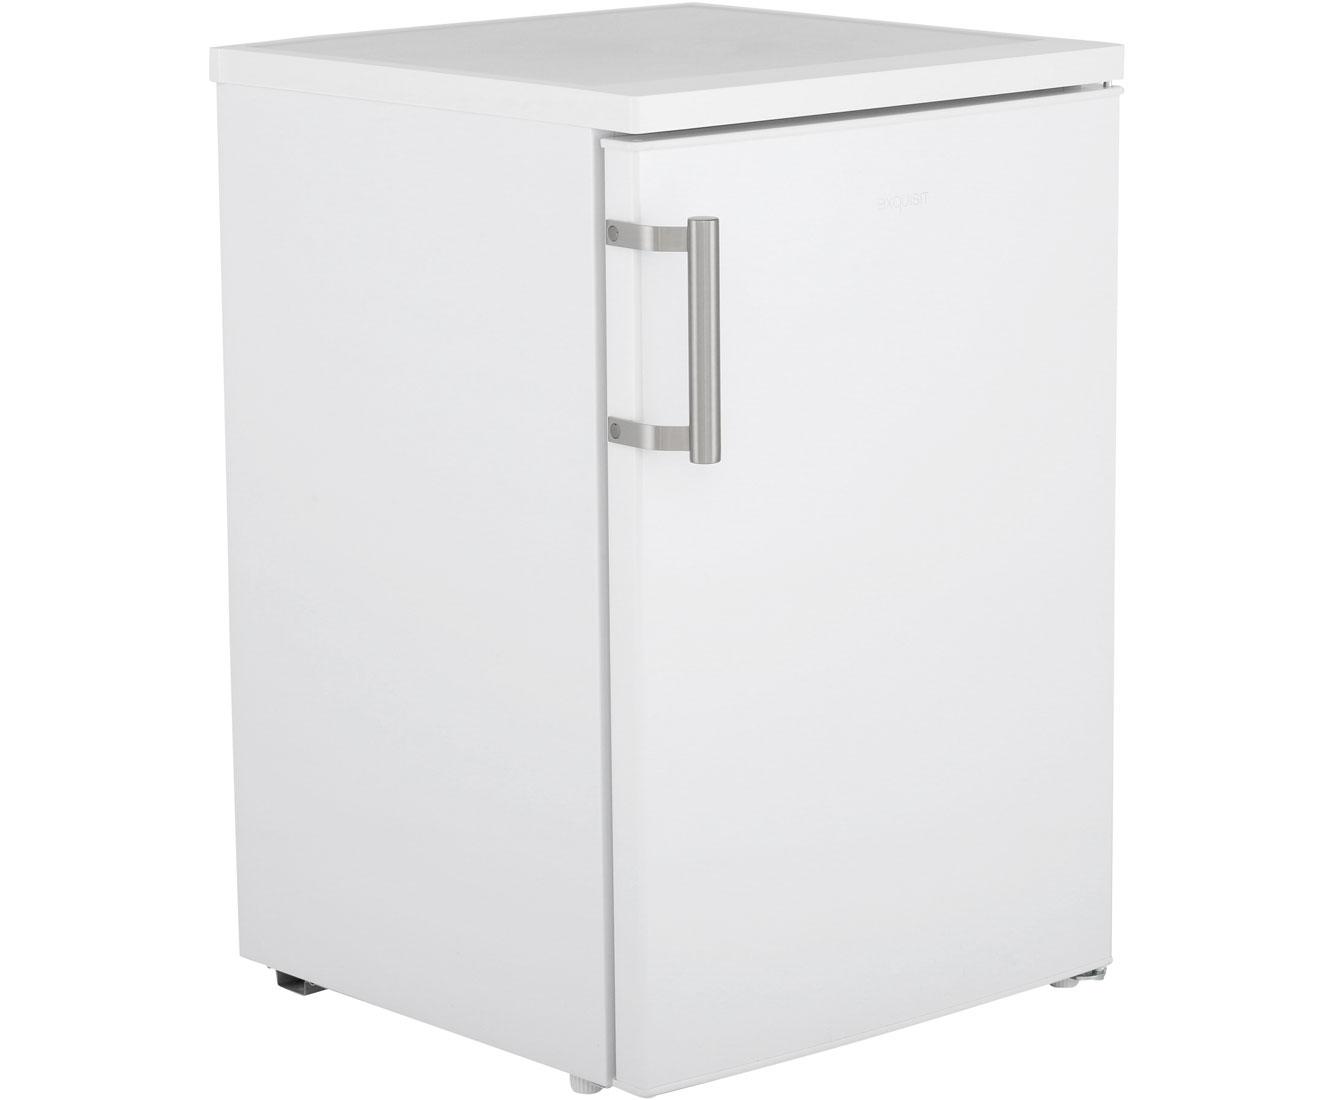 Aeg Kühlschrank Unterbau Integrierbar : Rabatt preisvergleich.de kühlen & gefrieren u003e kühlschränke